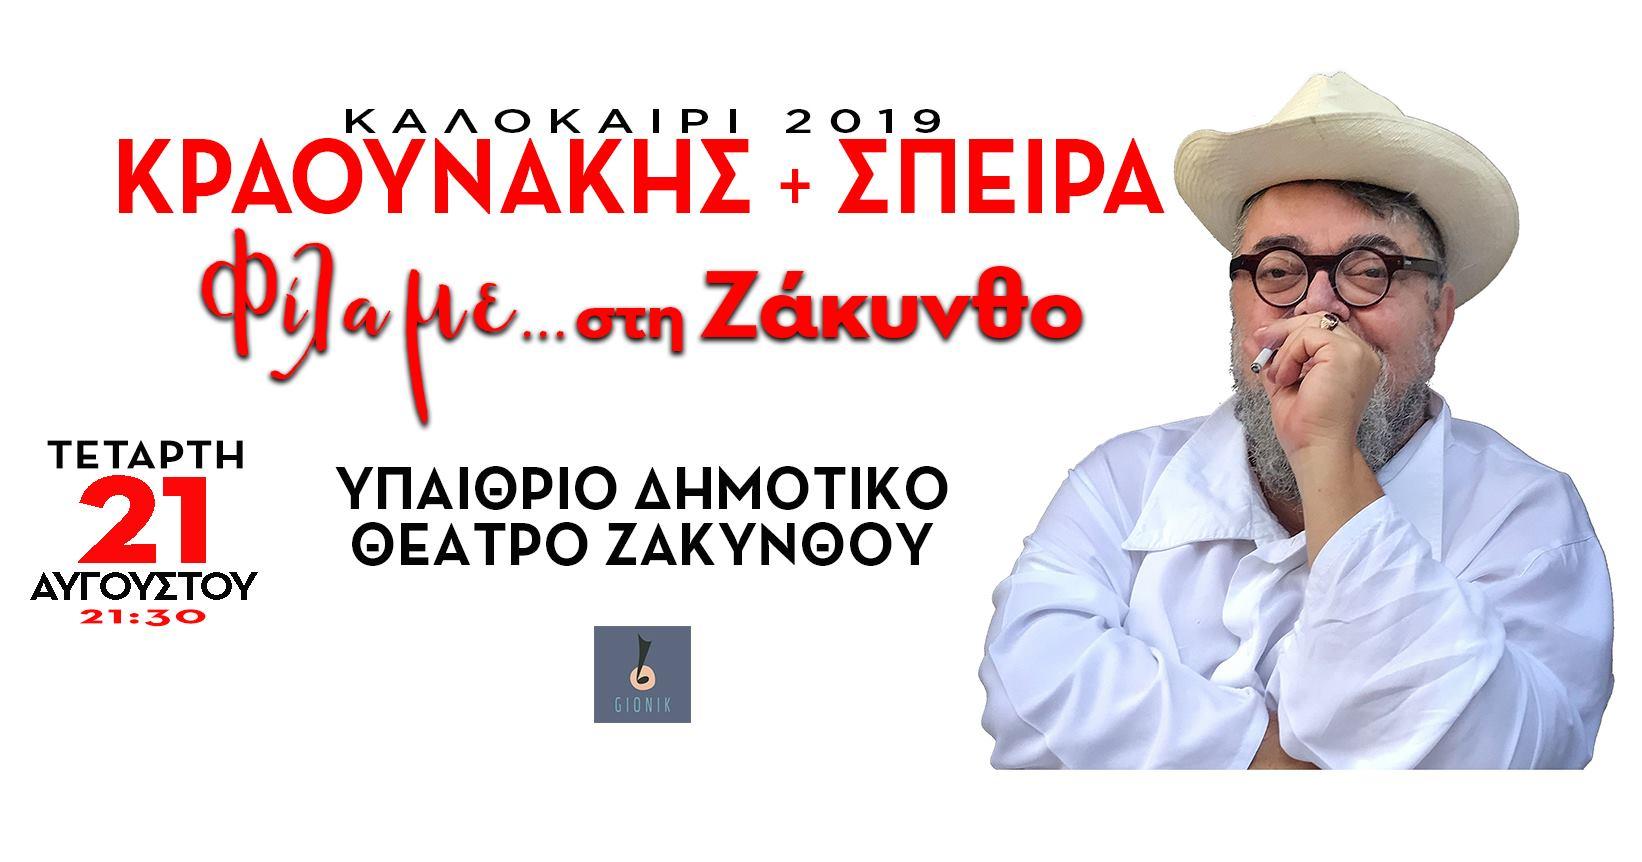 «Φίλα με… στη Ζάκυνθο» | Σταμάτης Κραουνάκης + Σπείρα Σπείρα | Τετάρτη 21 Αυγούστου, 21.30 Υπαίθριο Δημοτικό Θέατρο Ζακύνθου